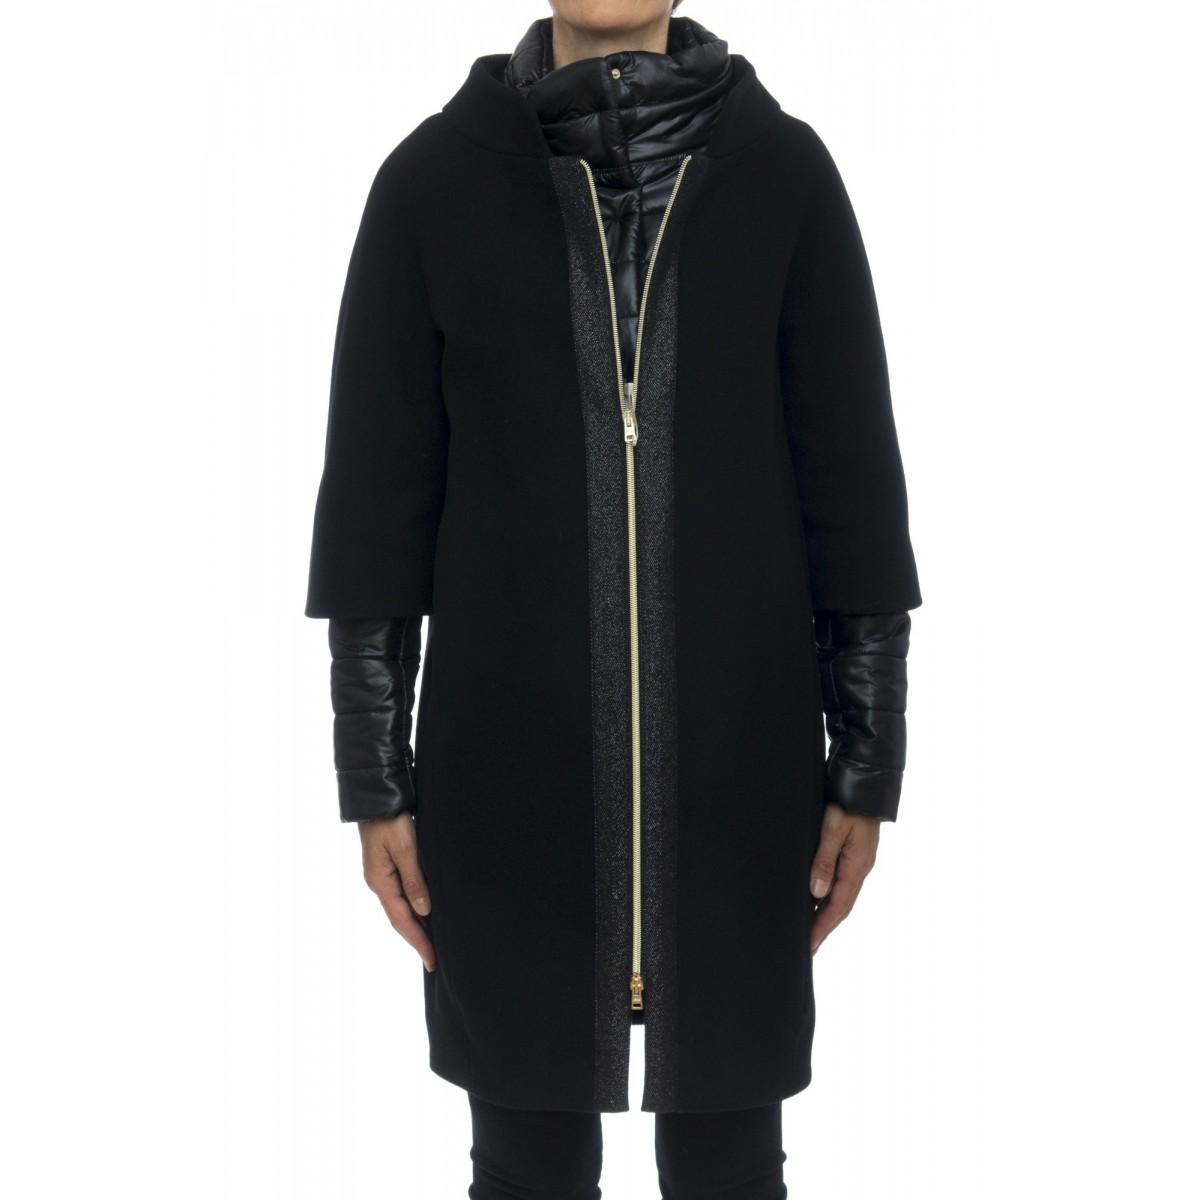 Mantel Damen- Ca0165d 39601